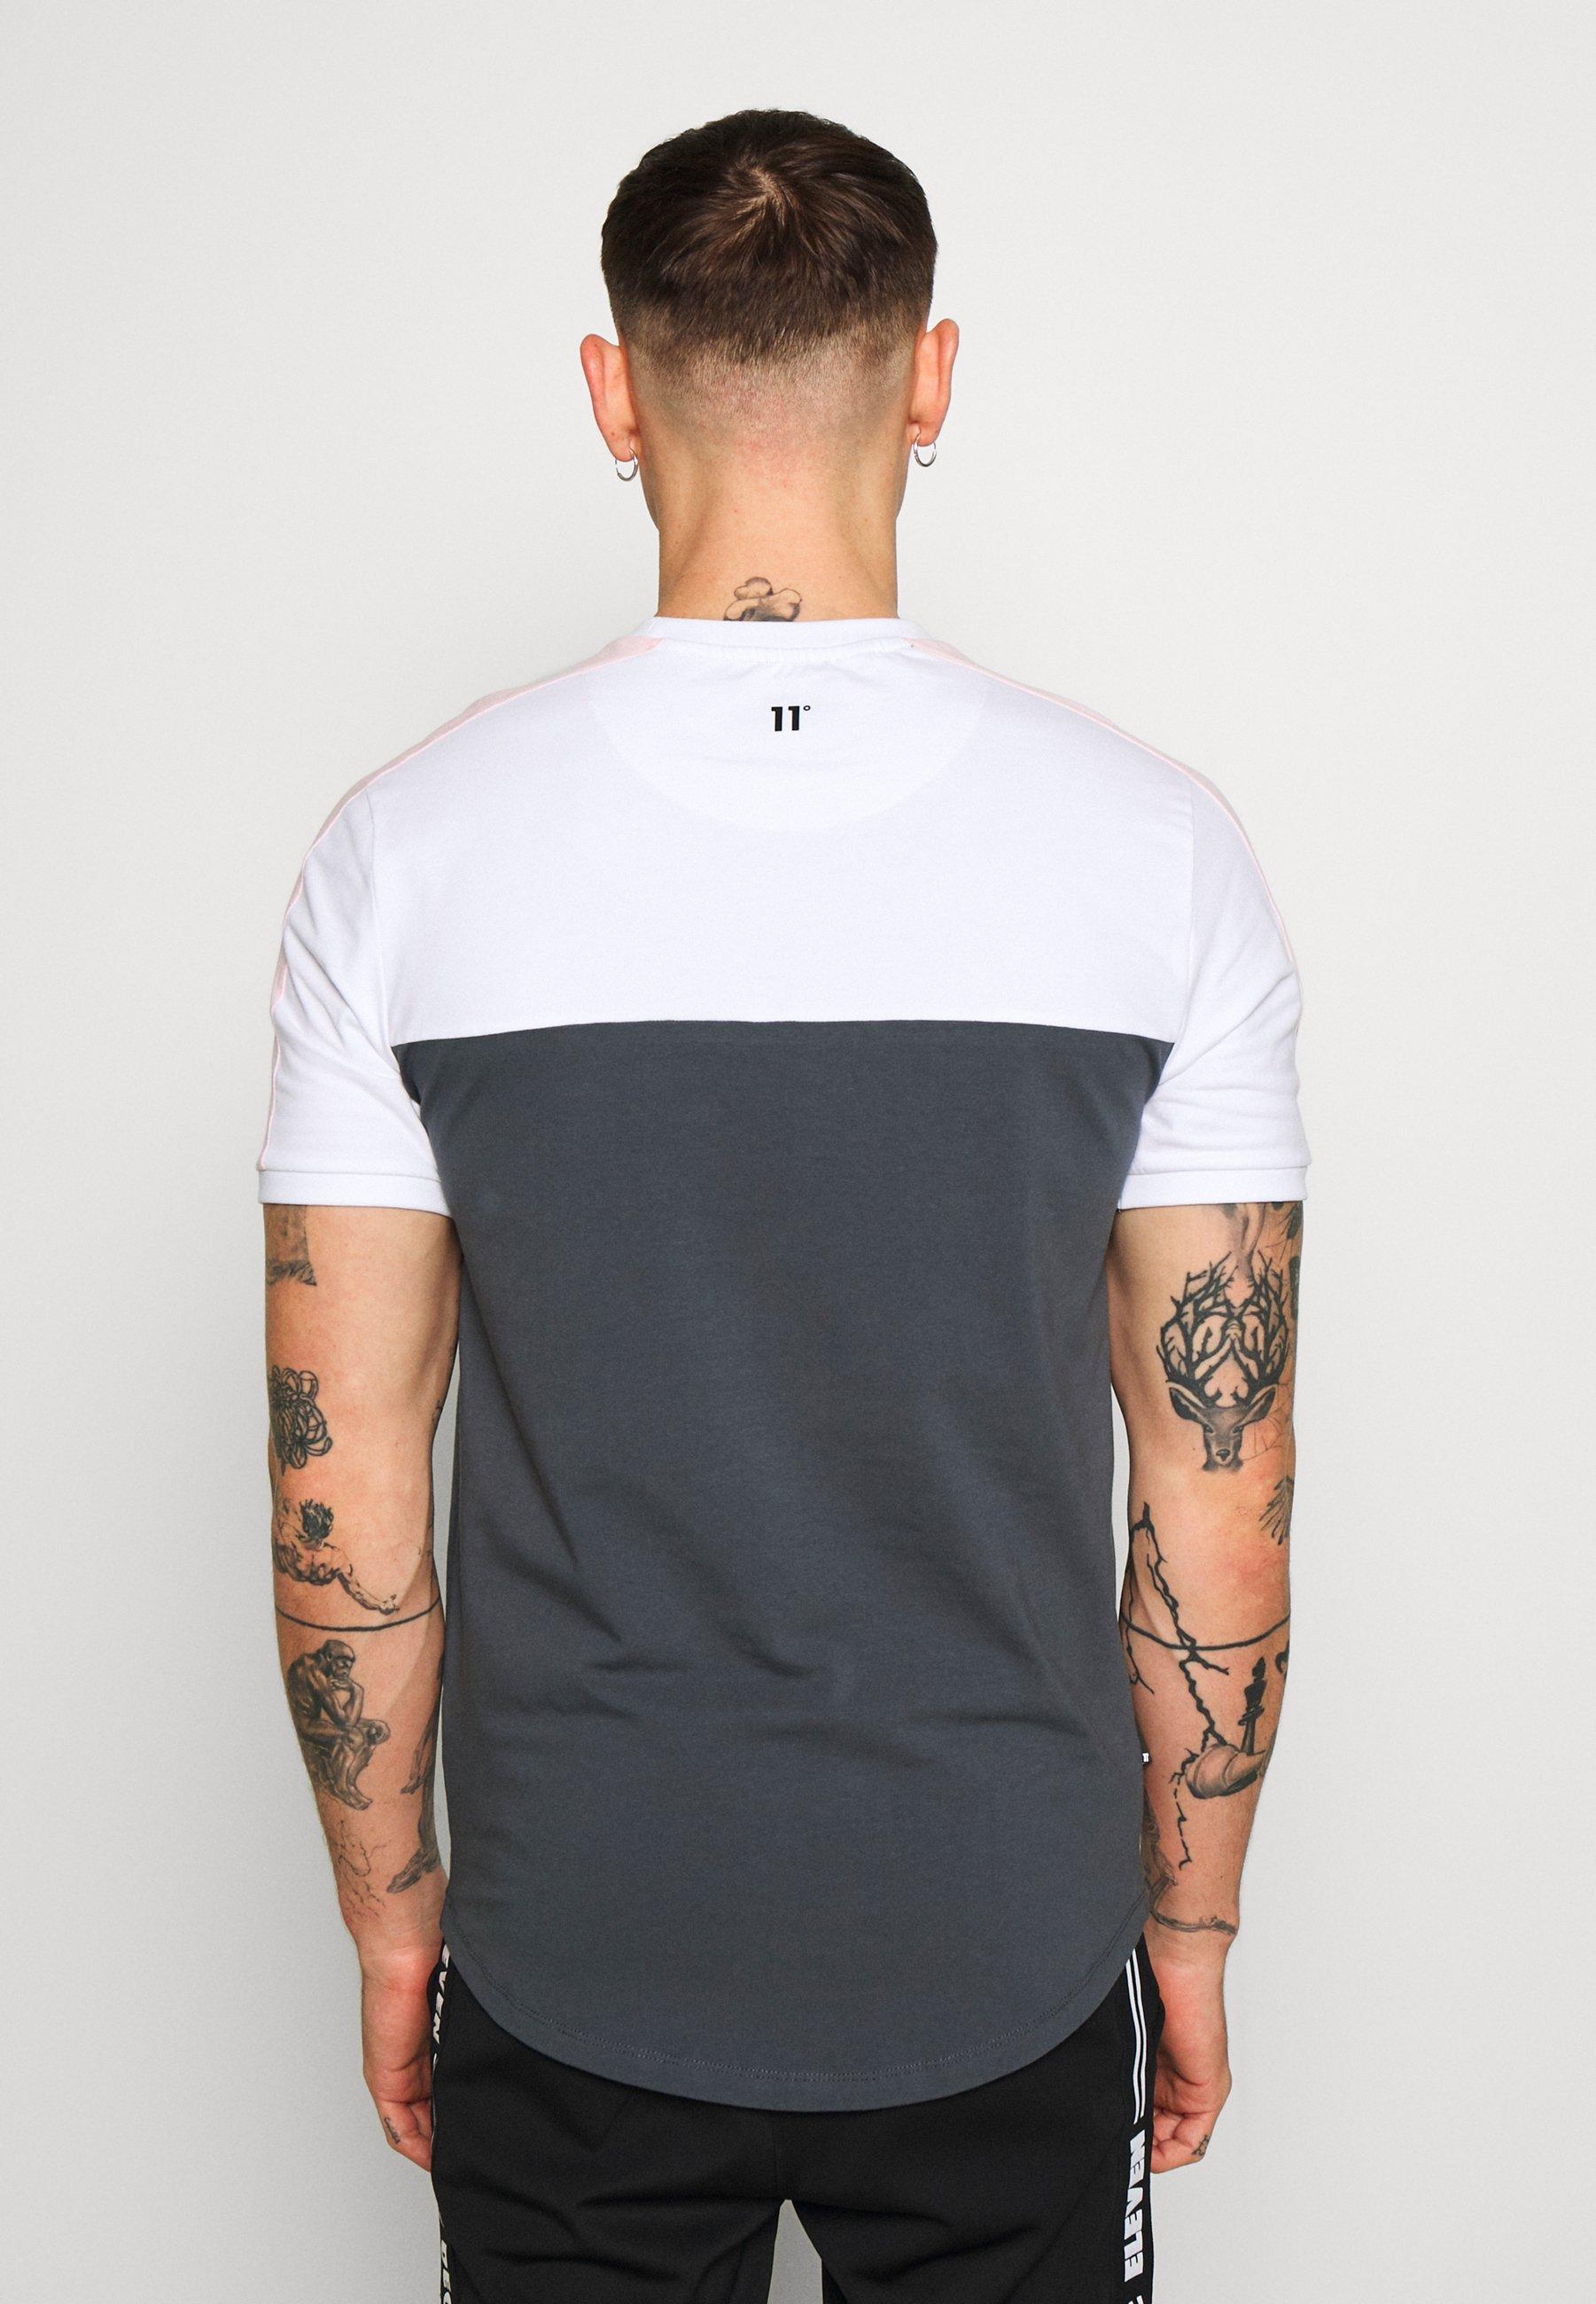 11 Degrees Panel Block - T-shirt Con Stampa Anthracite/white/powder Pink 5n5j5Kc